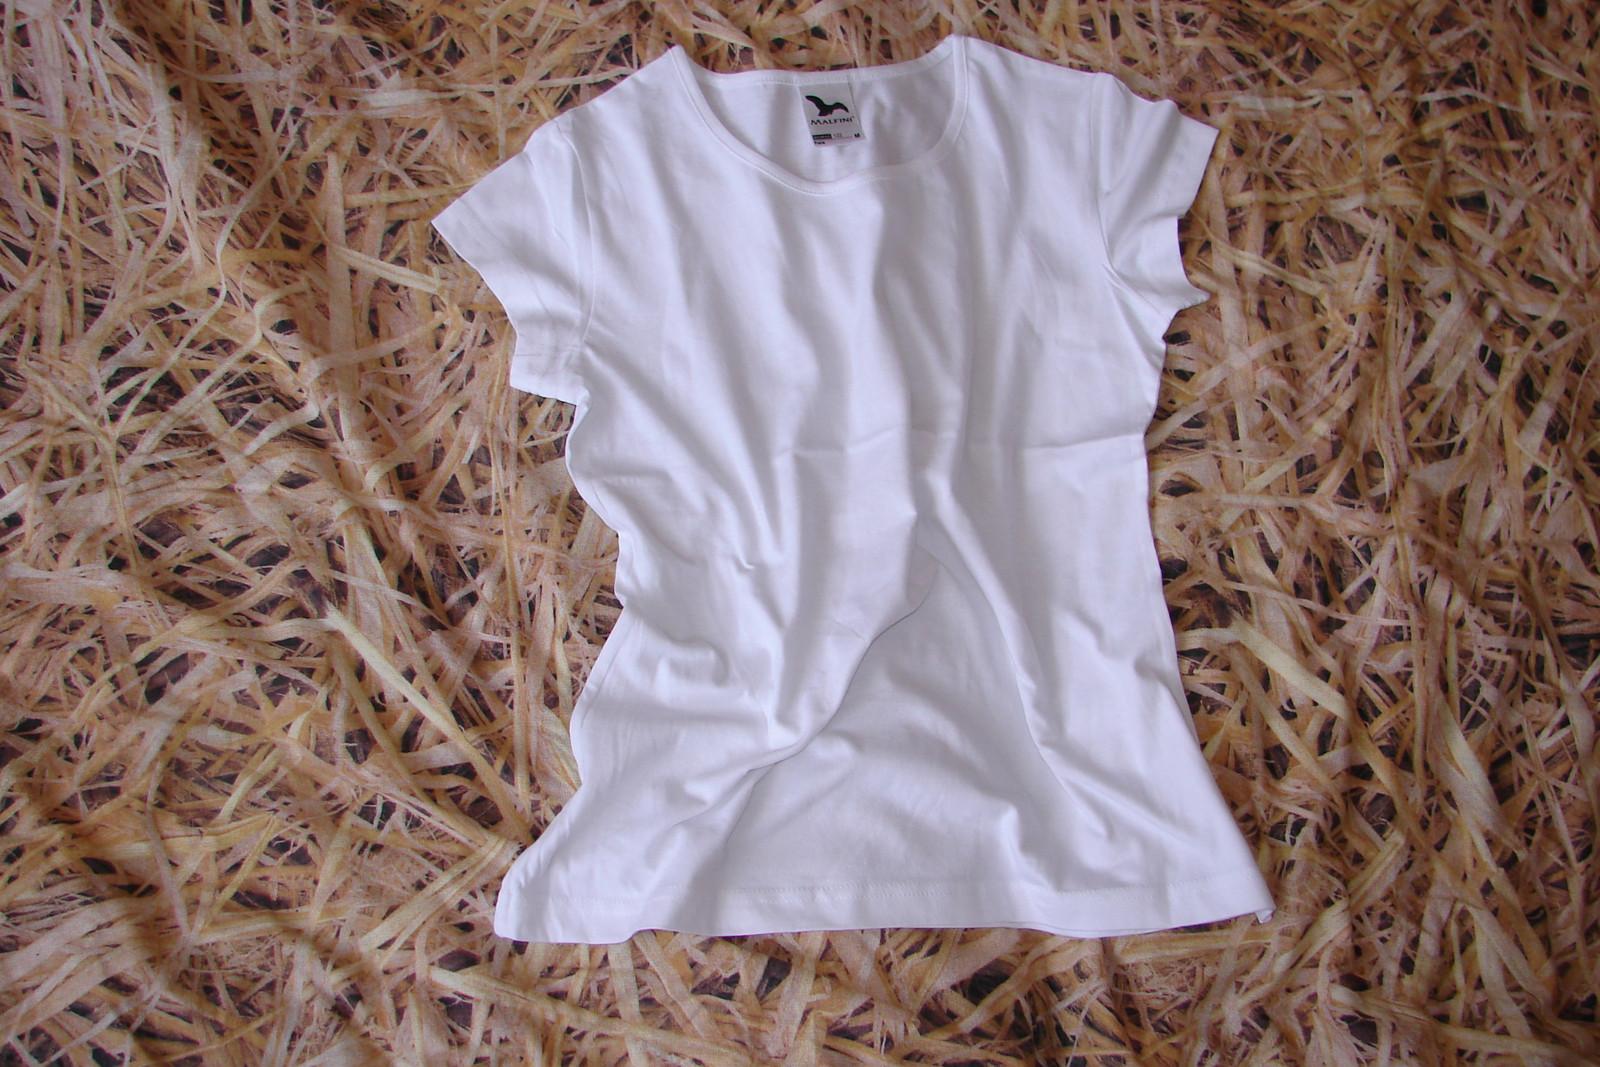 cad57813319 Dámské dívčí tričko Malfini Pure (vel. M)   Zboží prodejce LenuleKa ...